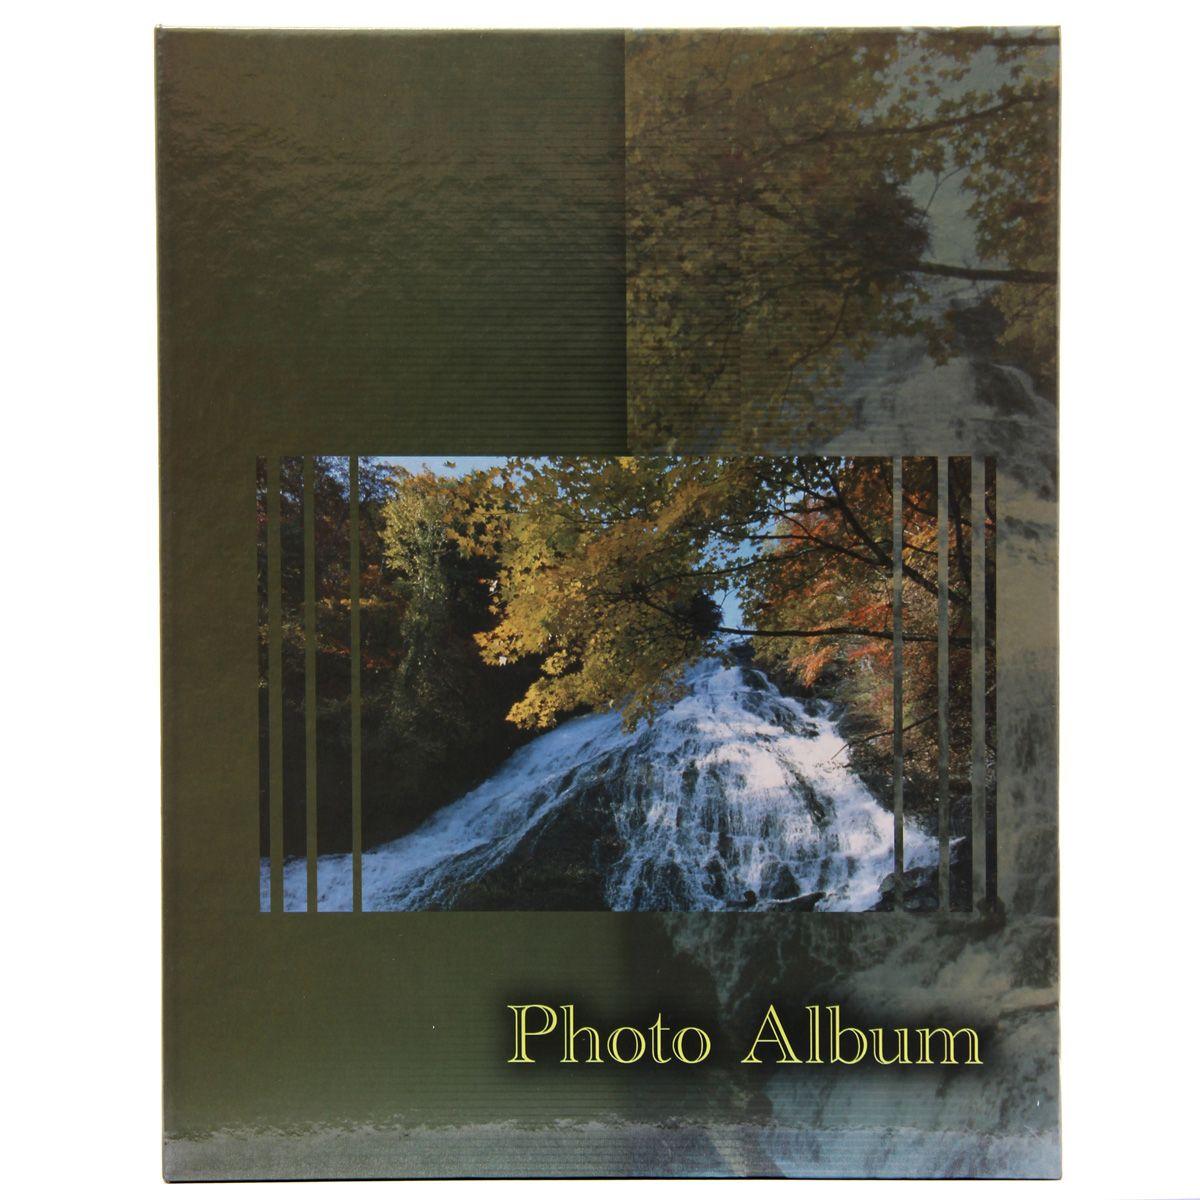 Фотоальбом Pioneer Waterfalls, 200 фотографий, 10 х 15 см, цвет: зеленый46529 AV46200Фотоальбом Pioneer Waterfalls поможет красиво оформить ваши самые интересныефотографии. Обложка из толстого картона оформлена оригинальным принтом. Фотоальбом рассчитан на 200 фотографий форматом 10 x 15 см. Внутри содержится блок из 50 листов с окошками из полипропилена, одна страница оформлена двумя окошками для фотографий. Такой необычный фотоальбом позволит легко заполнить страницы вашей истории, и с годами ничего не забудется.Тип обложки: картон.Тип листов: полипропиленовые.Тип переплета: высокочастотная сварка. Материалы, использованные в изготовлении альбома, обеспечивают высокое качество хранения ваших фотографий, поэтому фотографии не желтеют со временем.